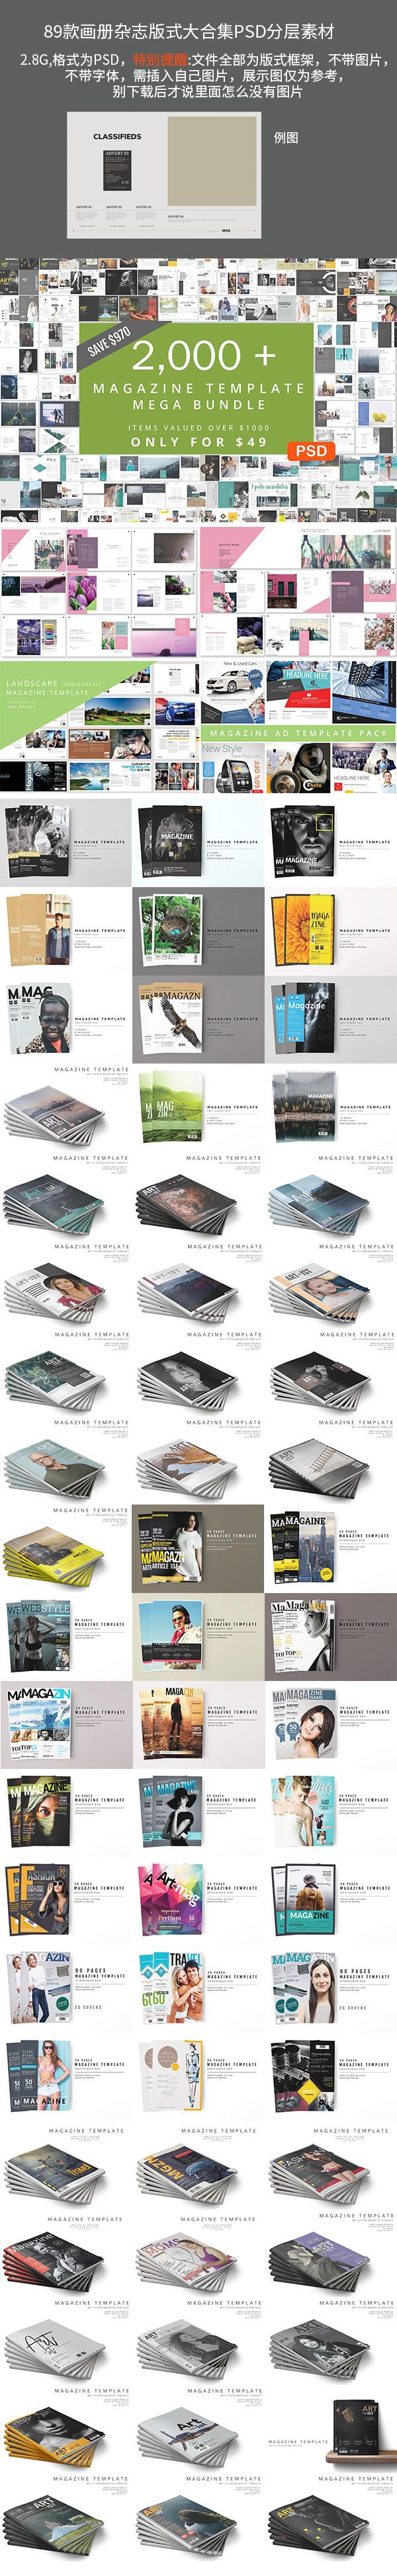 89款画册杂志版式